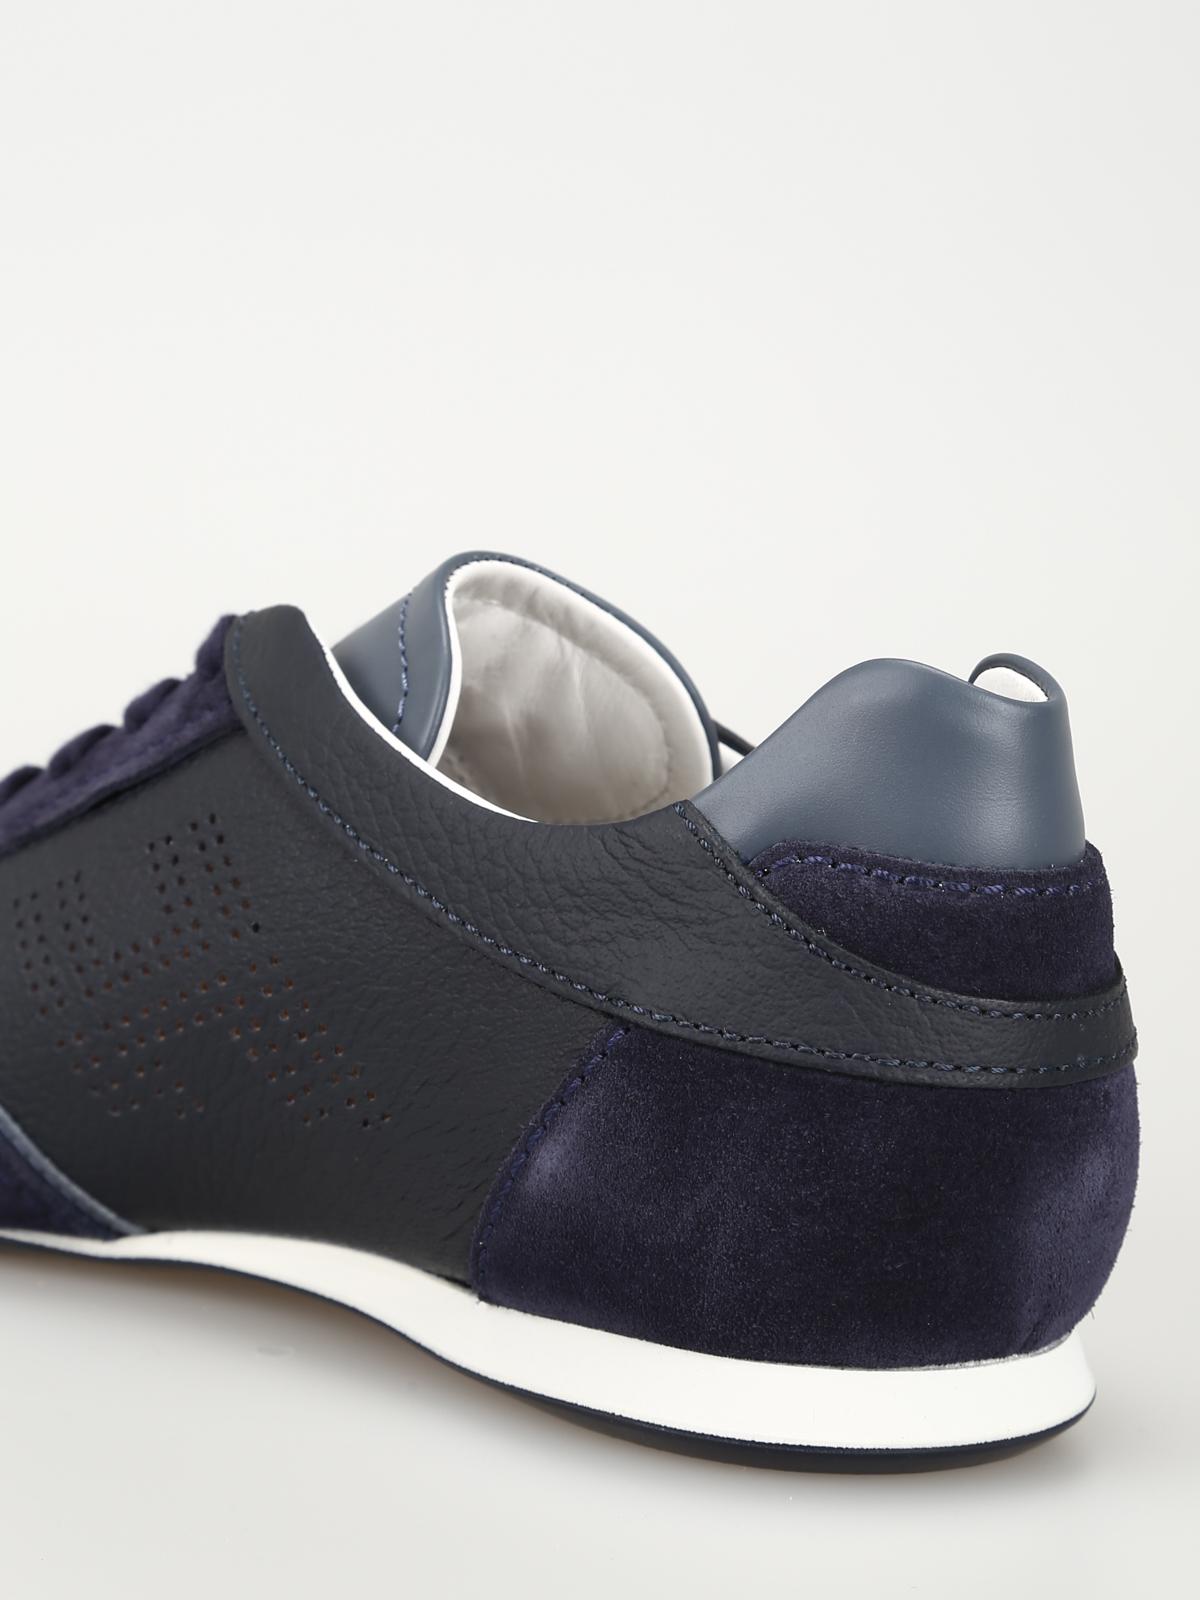 Hogan Sneaker Olympia Slash H forata blu scuro sneakers